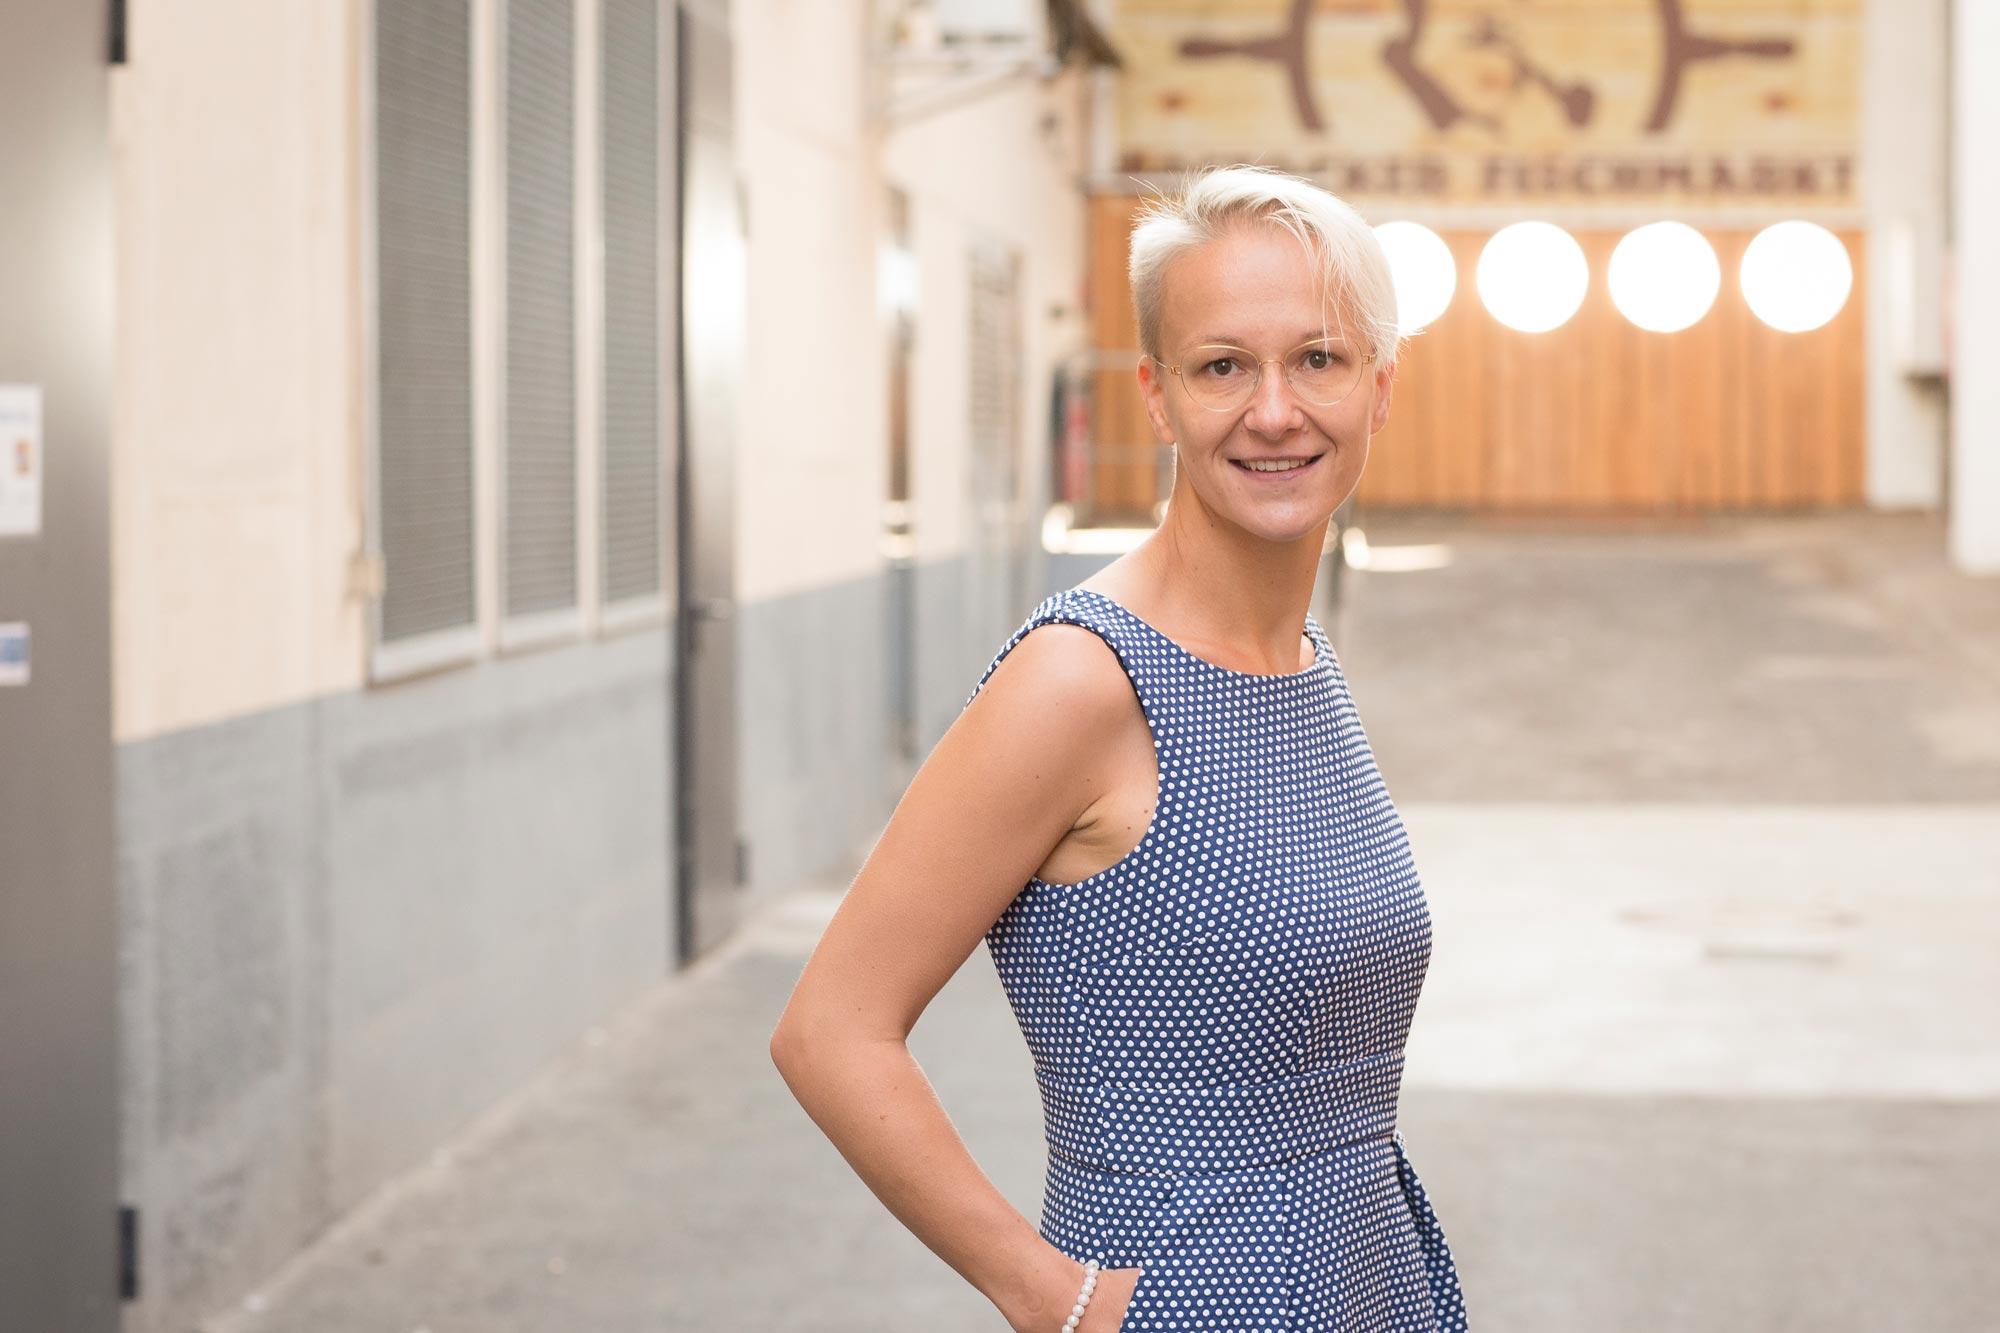 Nicole Pfäffle ist Dipl. Ing. für Augenoptik und Low Vision Spezialistin bei Optik Sagawe im Doberaner Hof